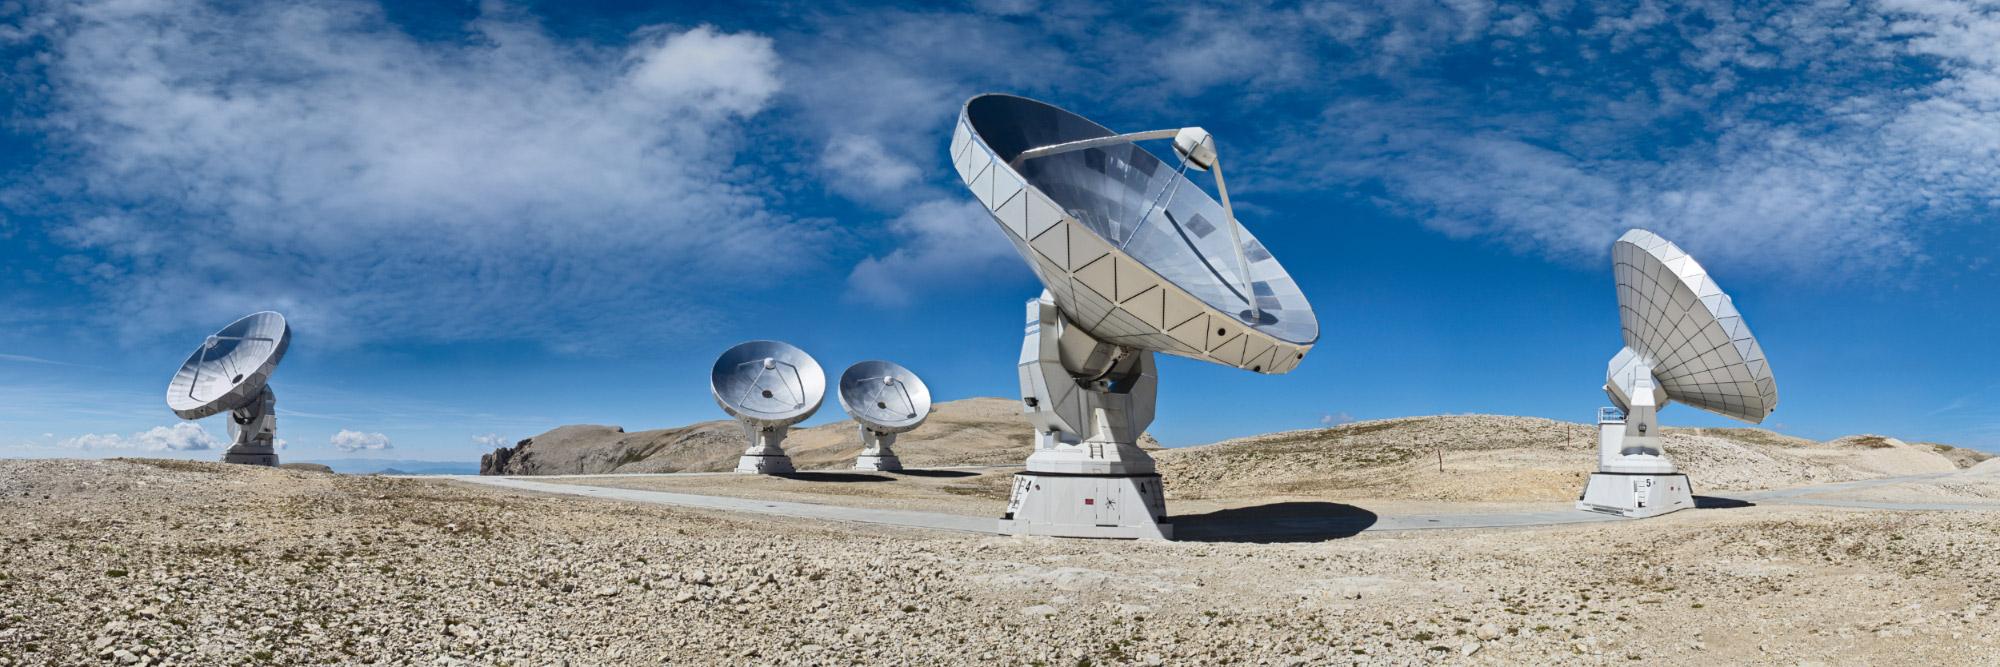 Antennes de radiotélescopes, Plateau de Bure, Dévoluy